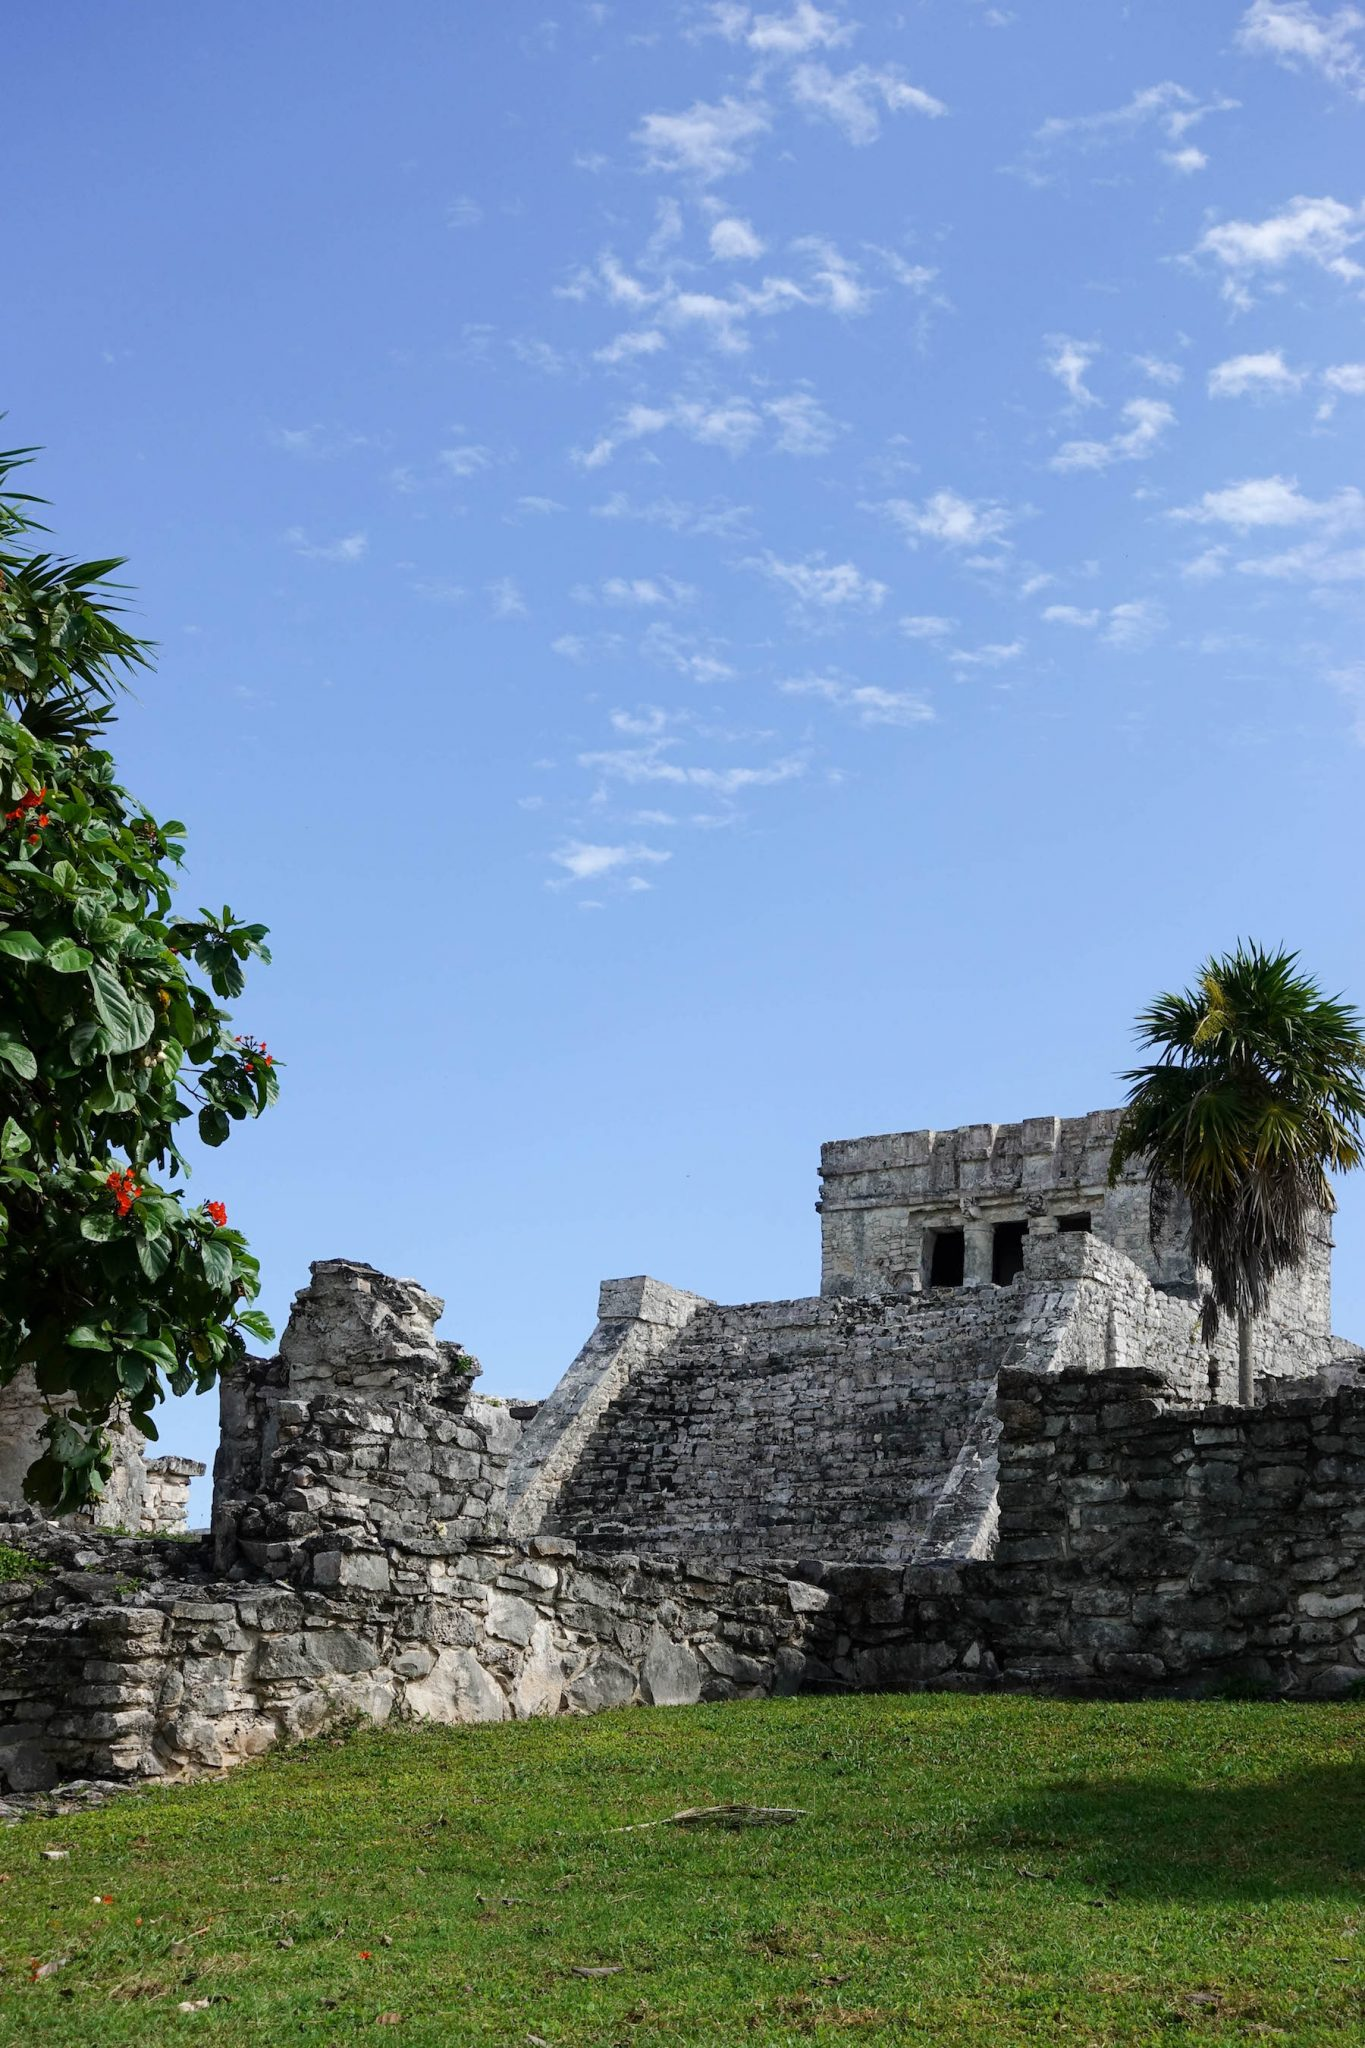 suelovesnyc_weekly_update_tulum_maya_ruinen_in_tulum_castillo